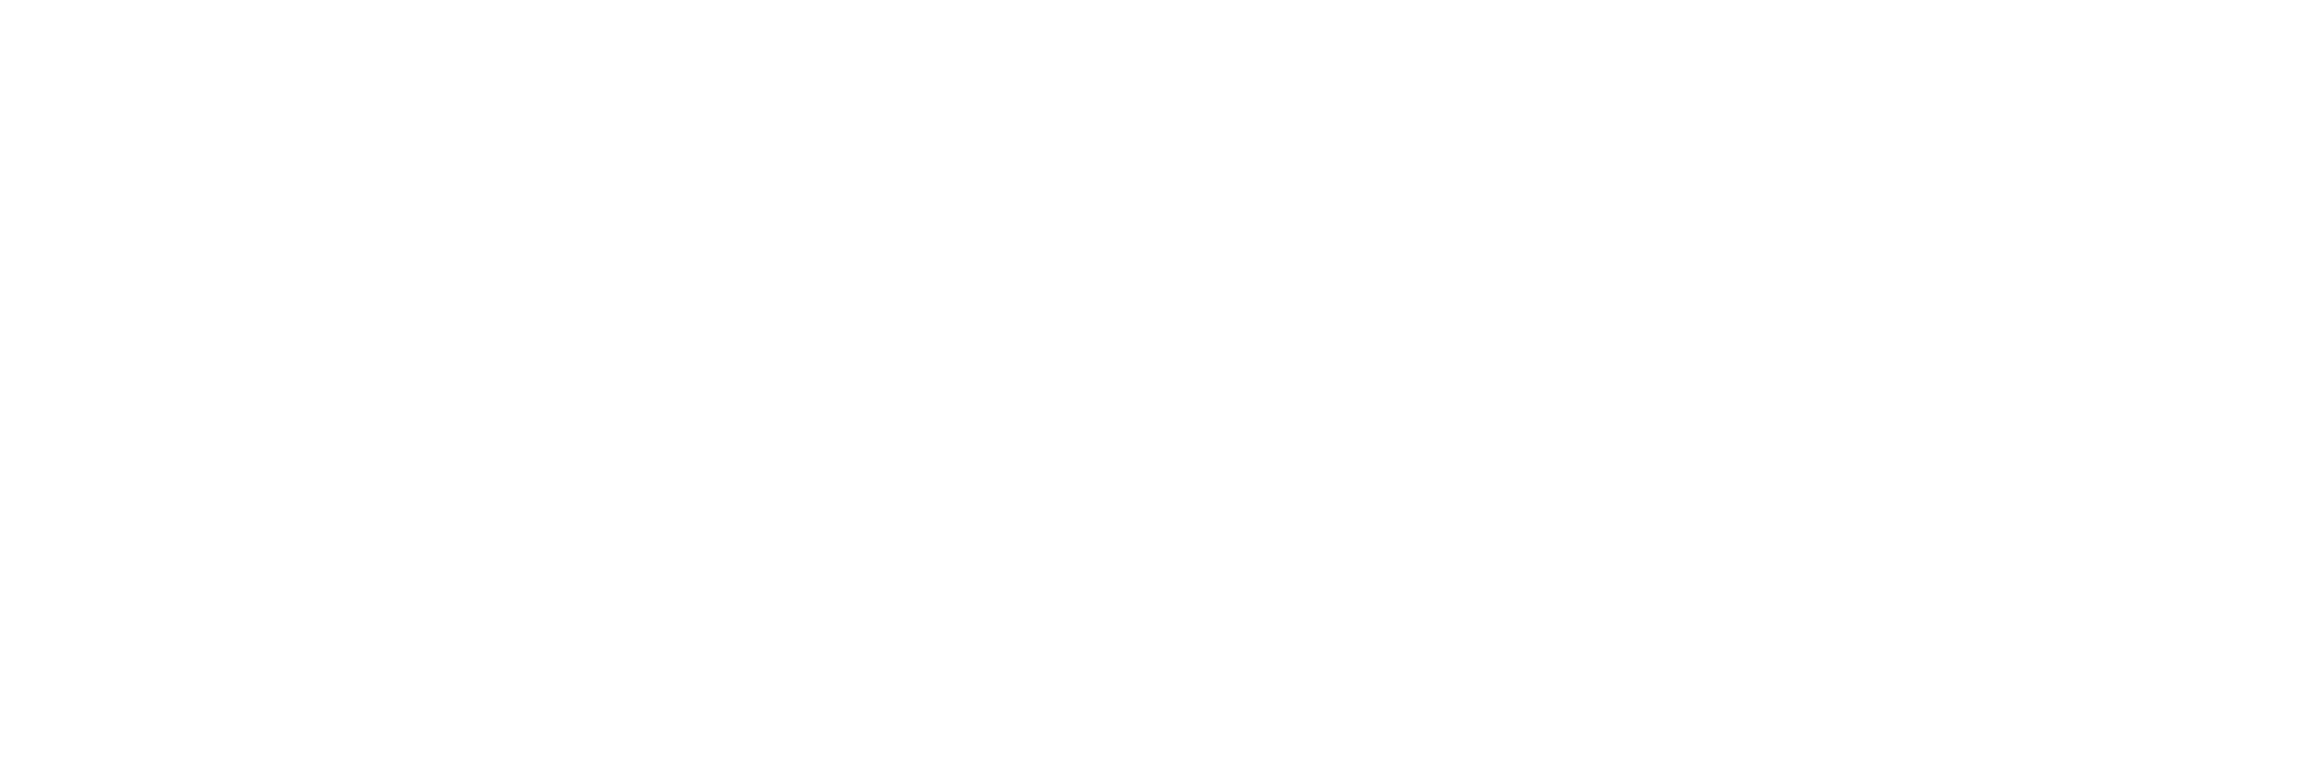 Business Purpose Guide